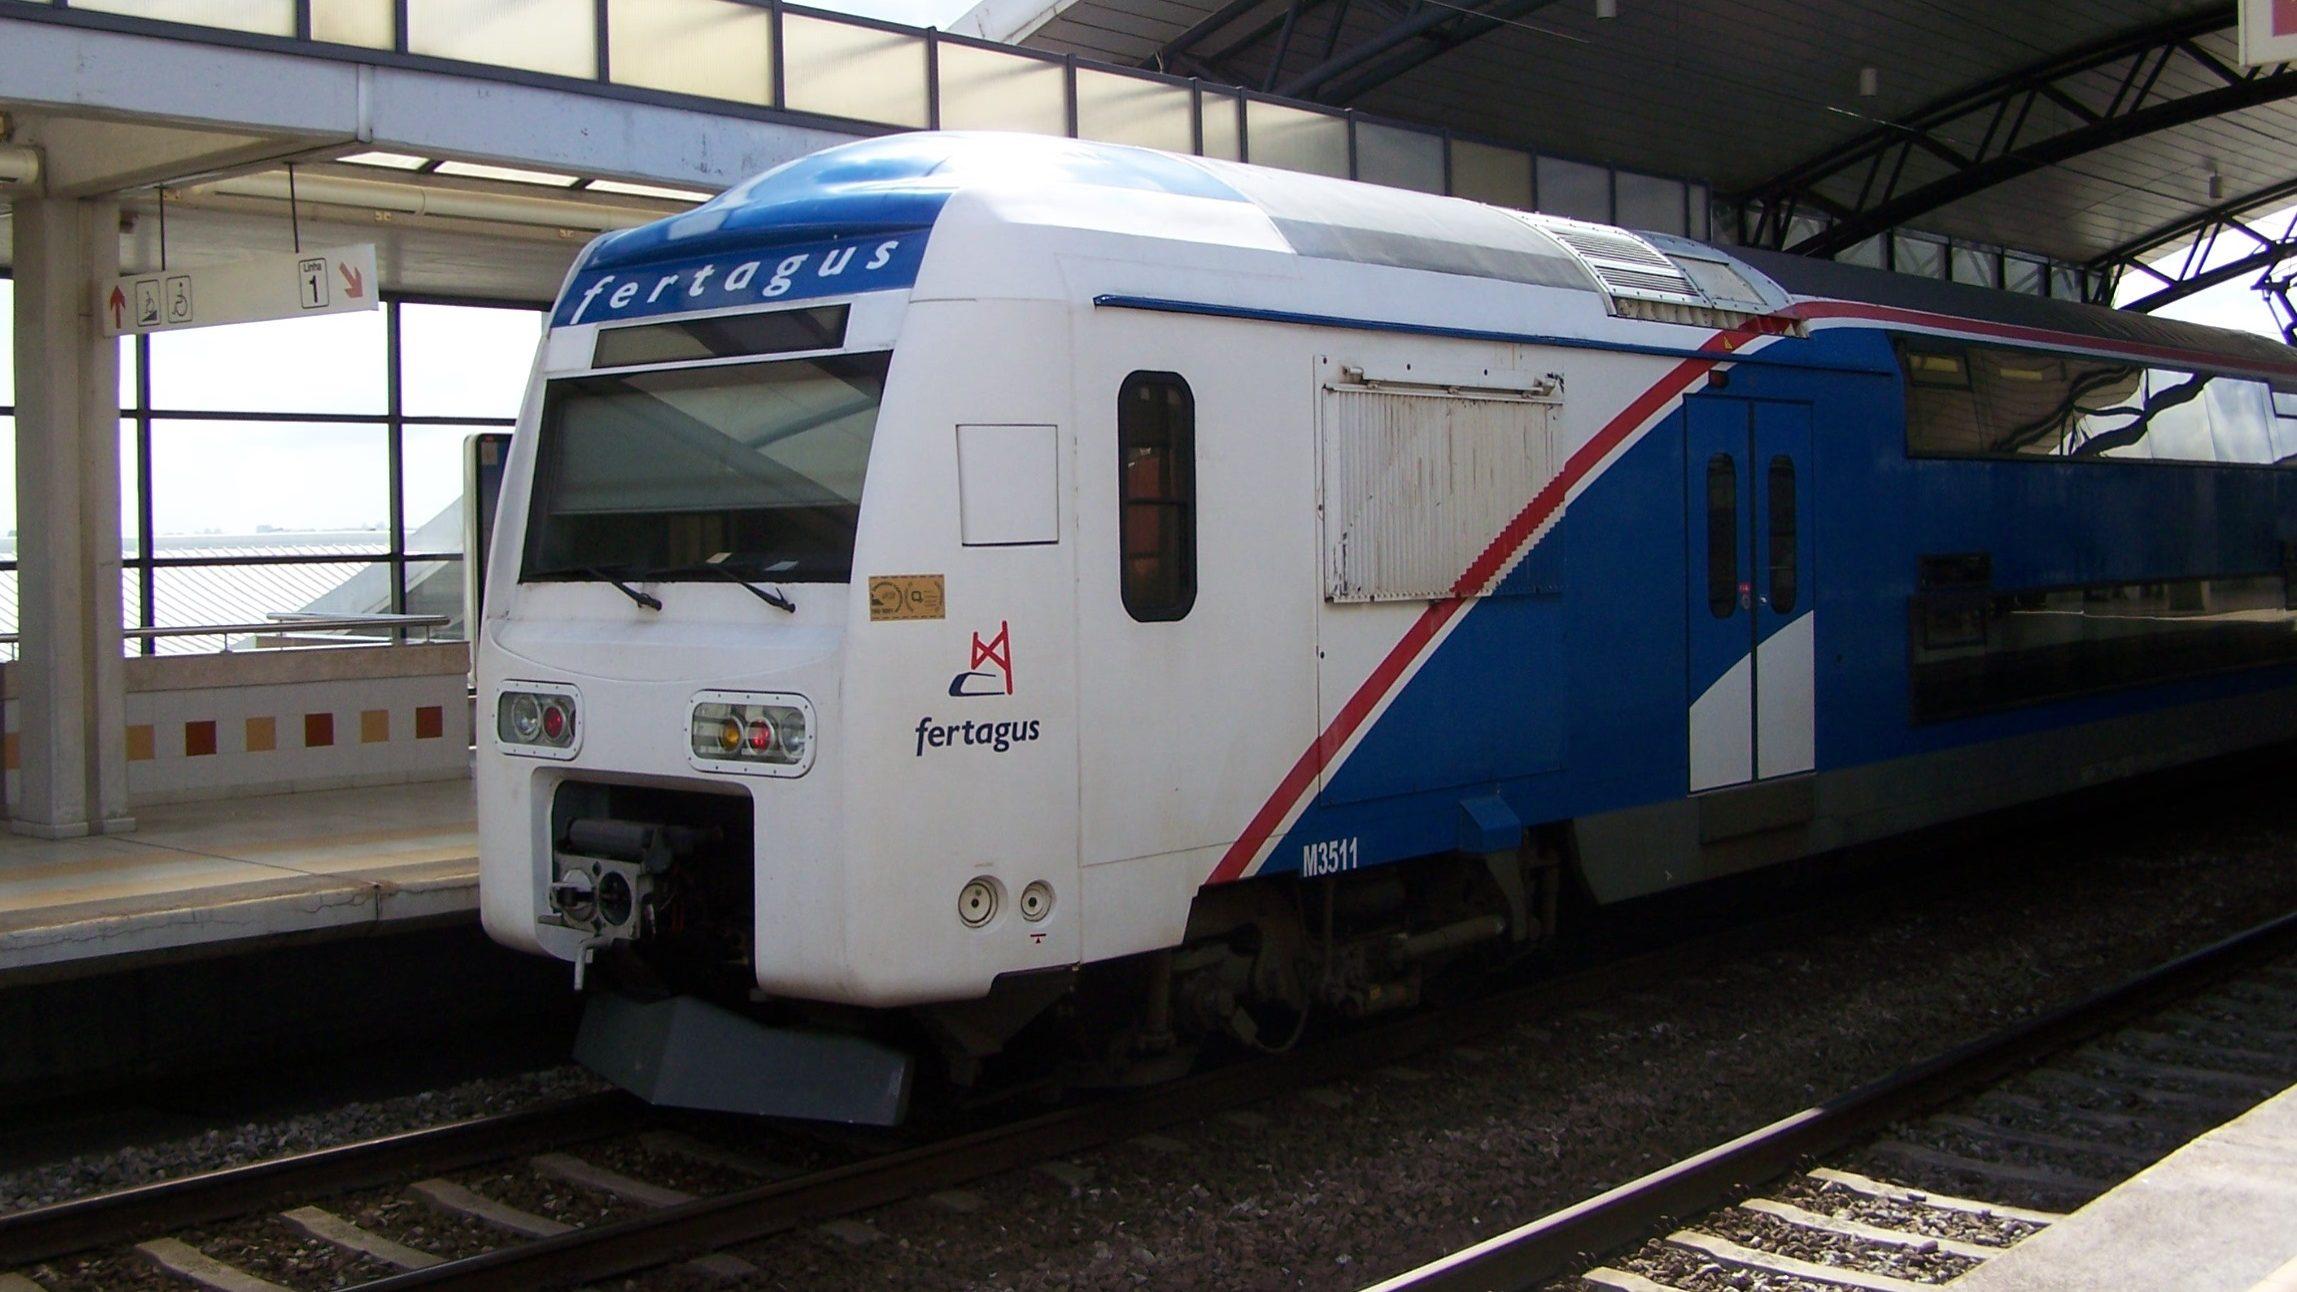 Governo prolonga concessão da Fertagus. Fica com o comboio na 25 de Abril por mais 4 anos e 9 meses